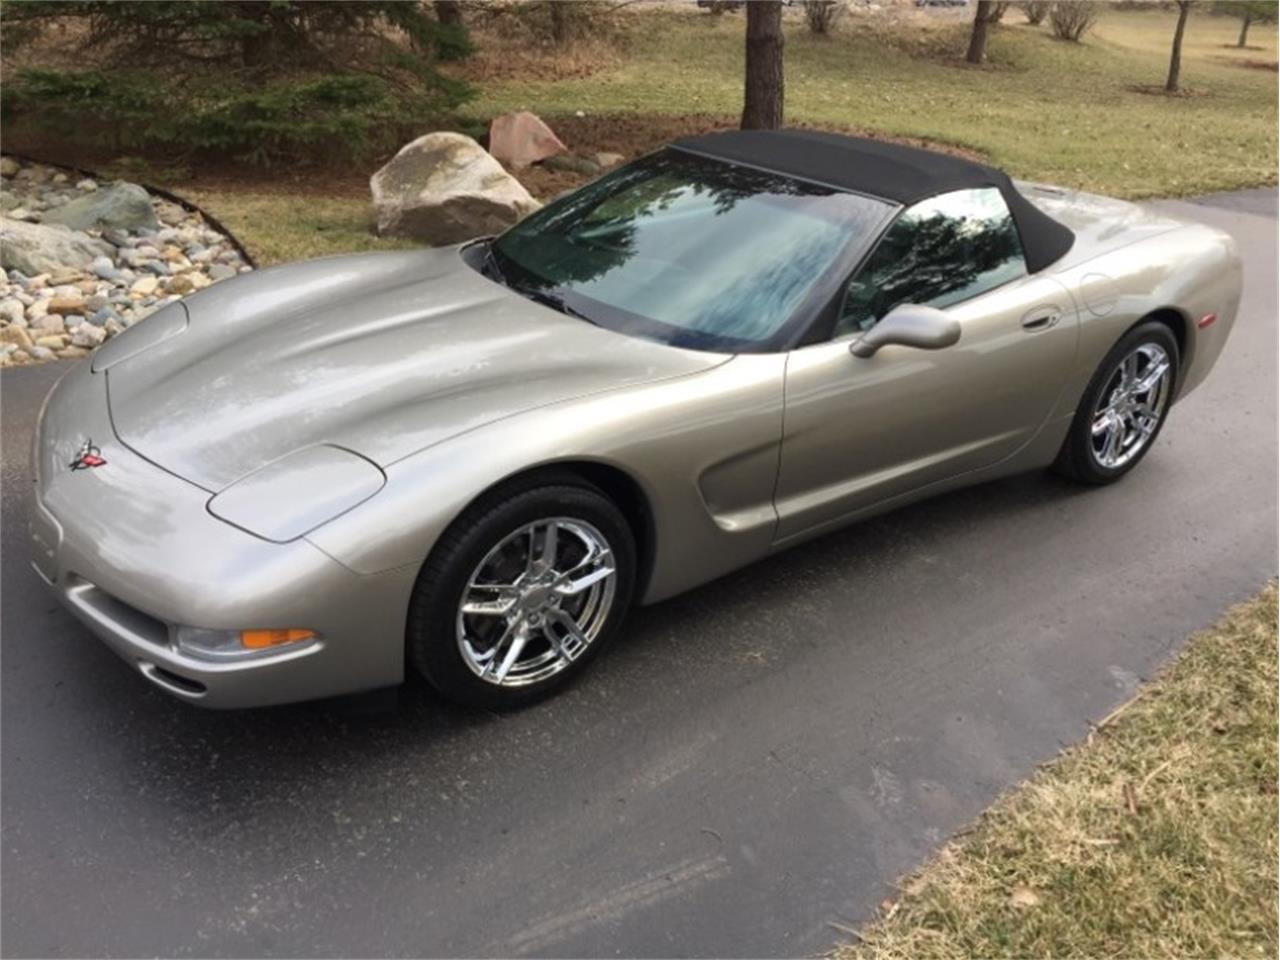 1999 Corvette For Sale >> 1999 Chevrolet Corvette For Sale Classiccars Com Cc 1205789